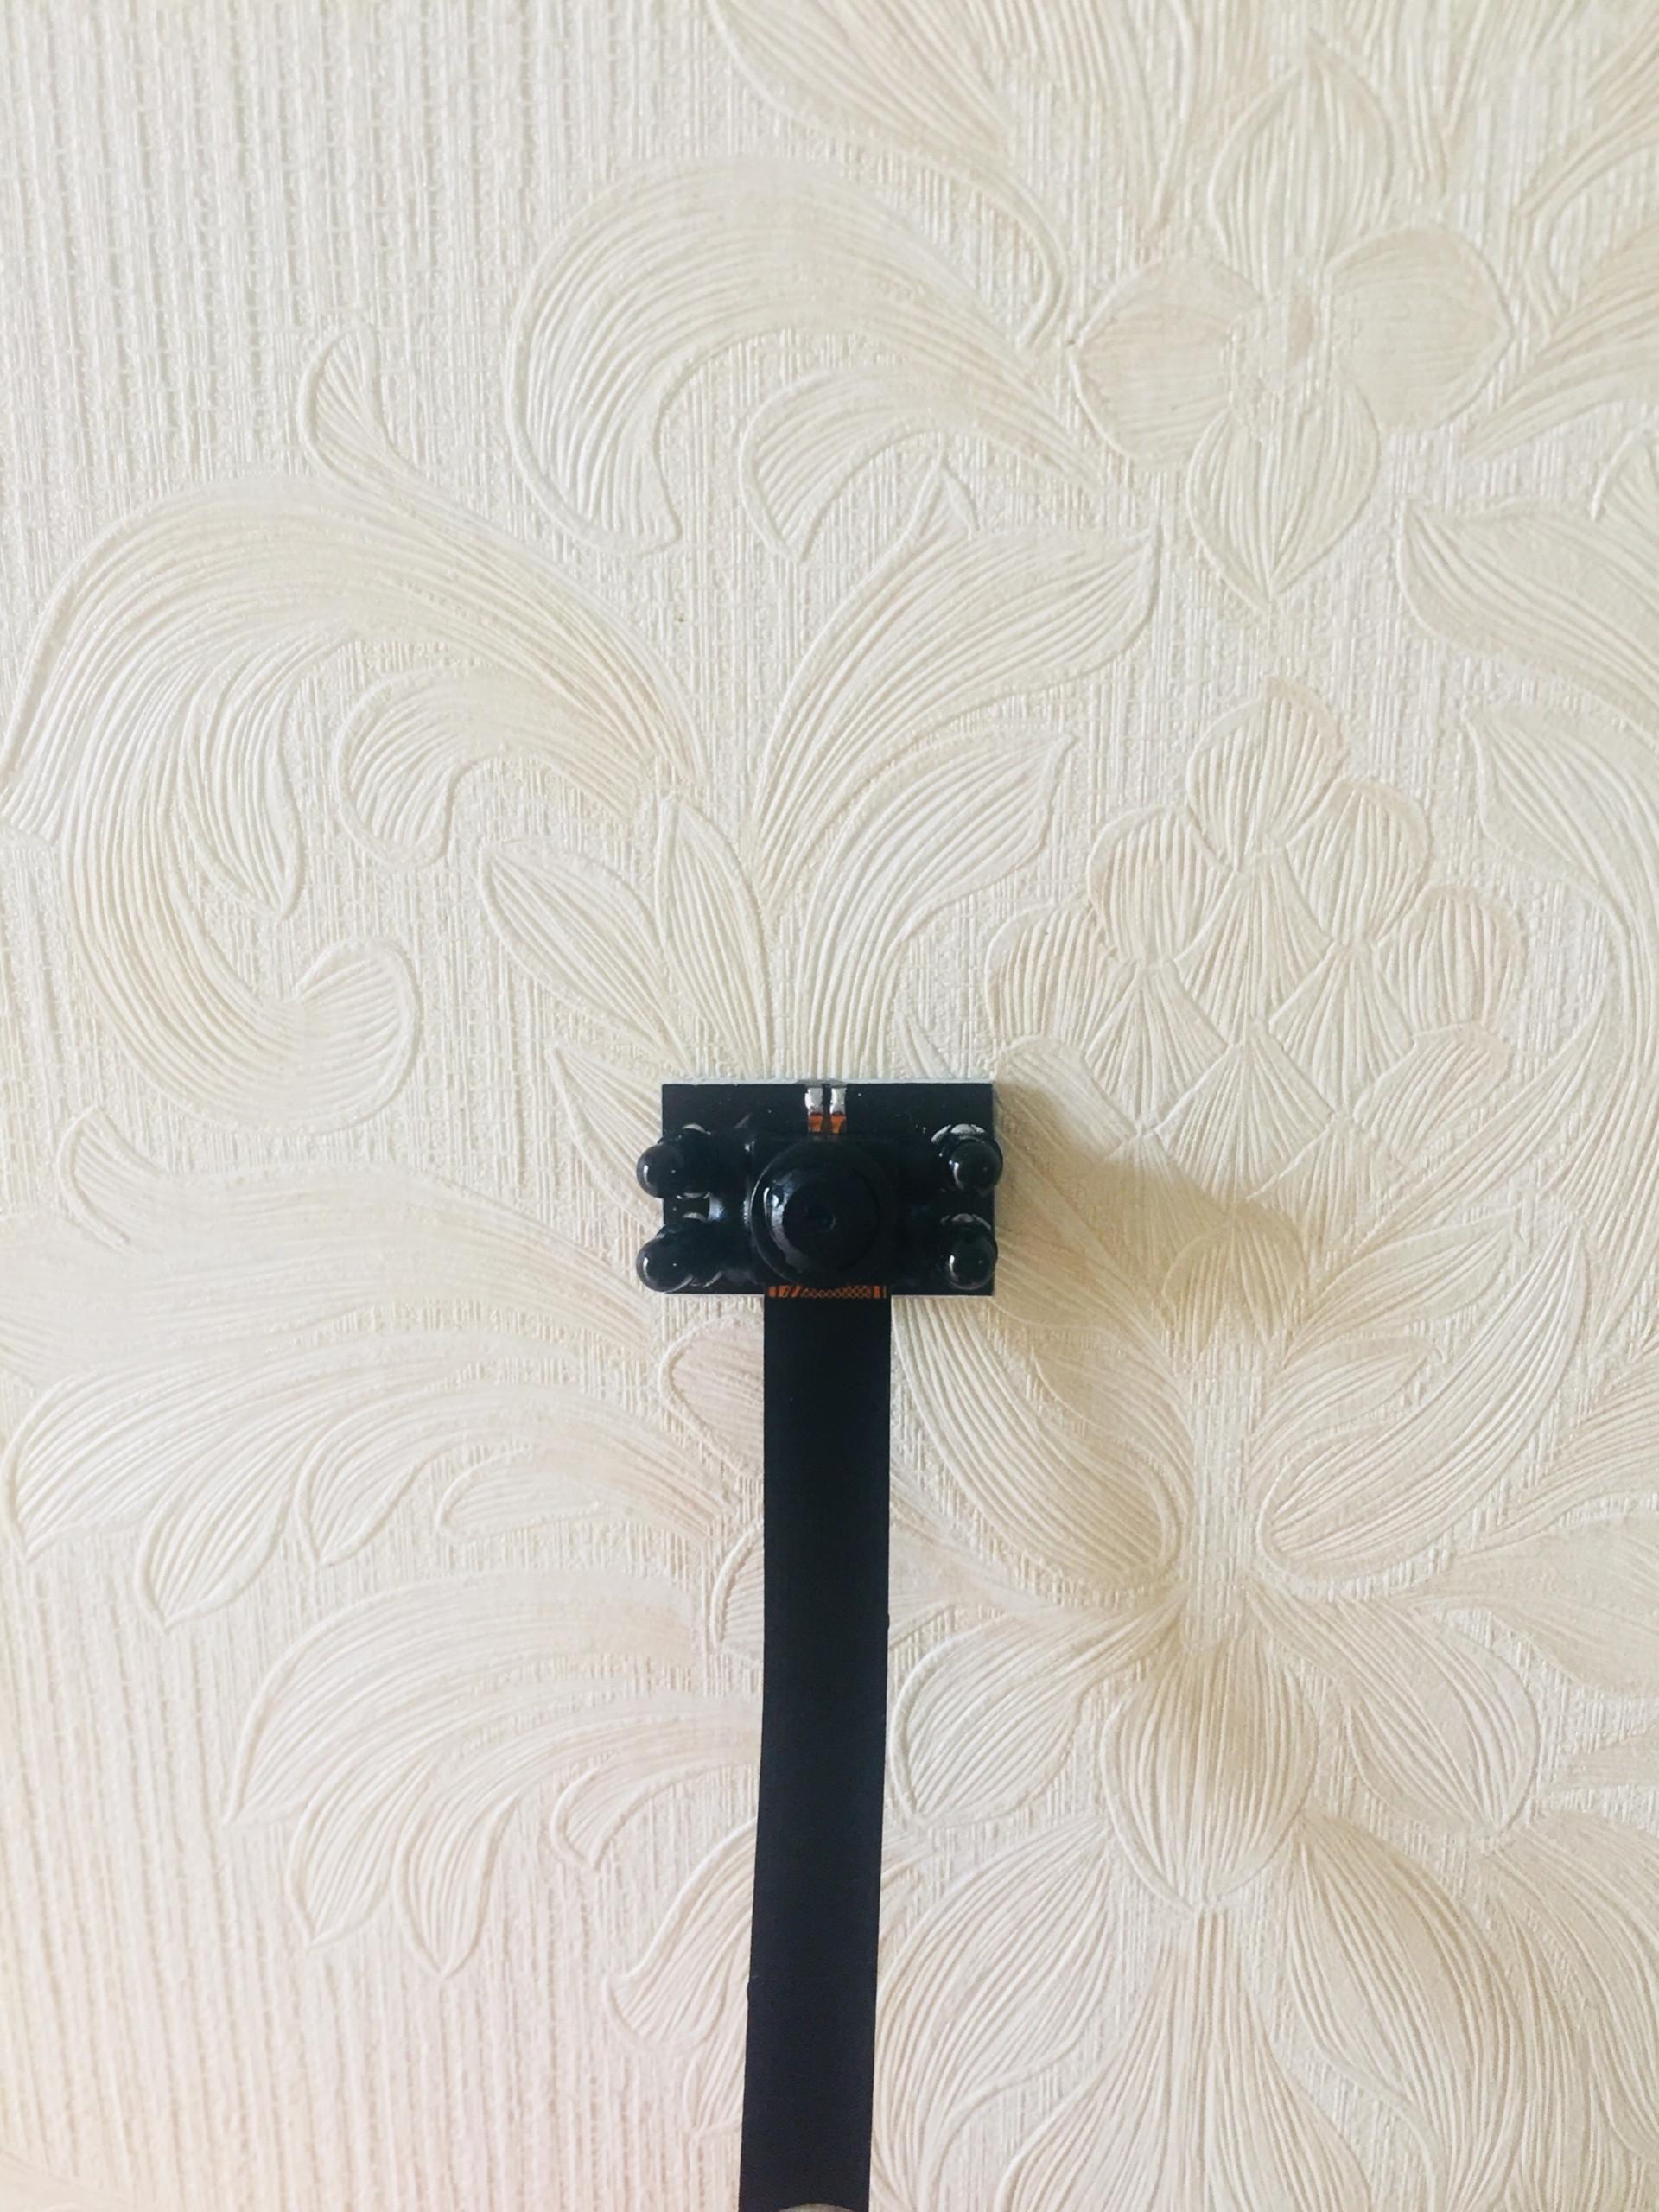 Camera Mini wifi siêu nhỏ V99+ là phiên bản camera siêu nhỏ V99 nhưng bổ sung chức năng hồng ngoại giúp ghi được hình ban đêm.